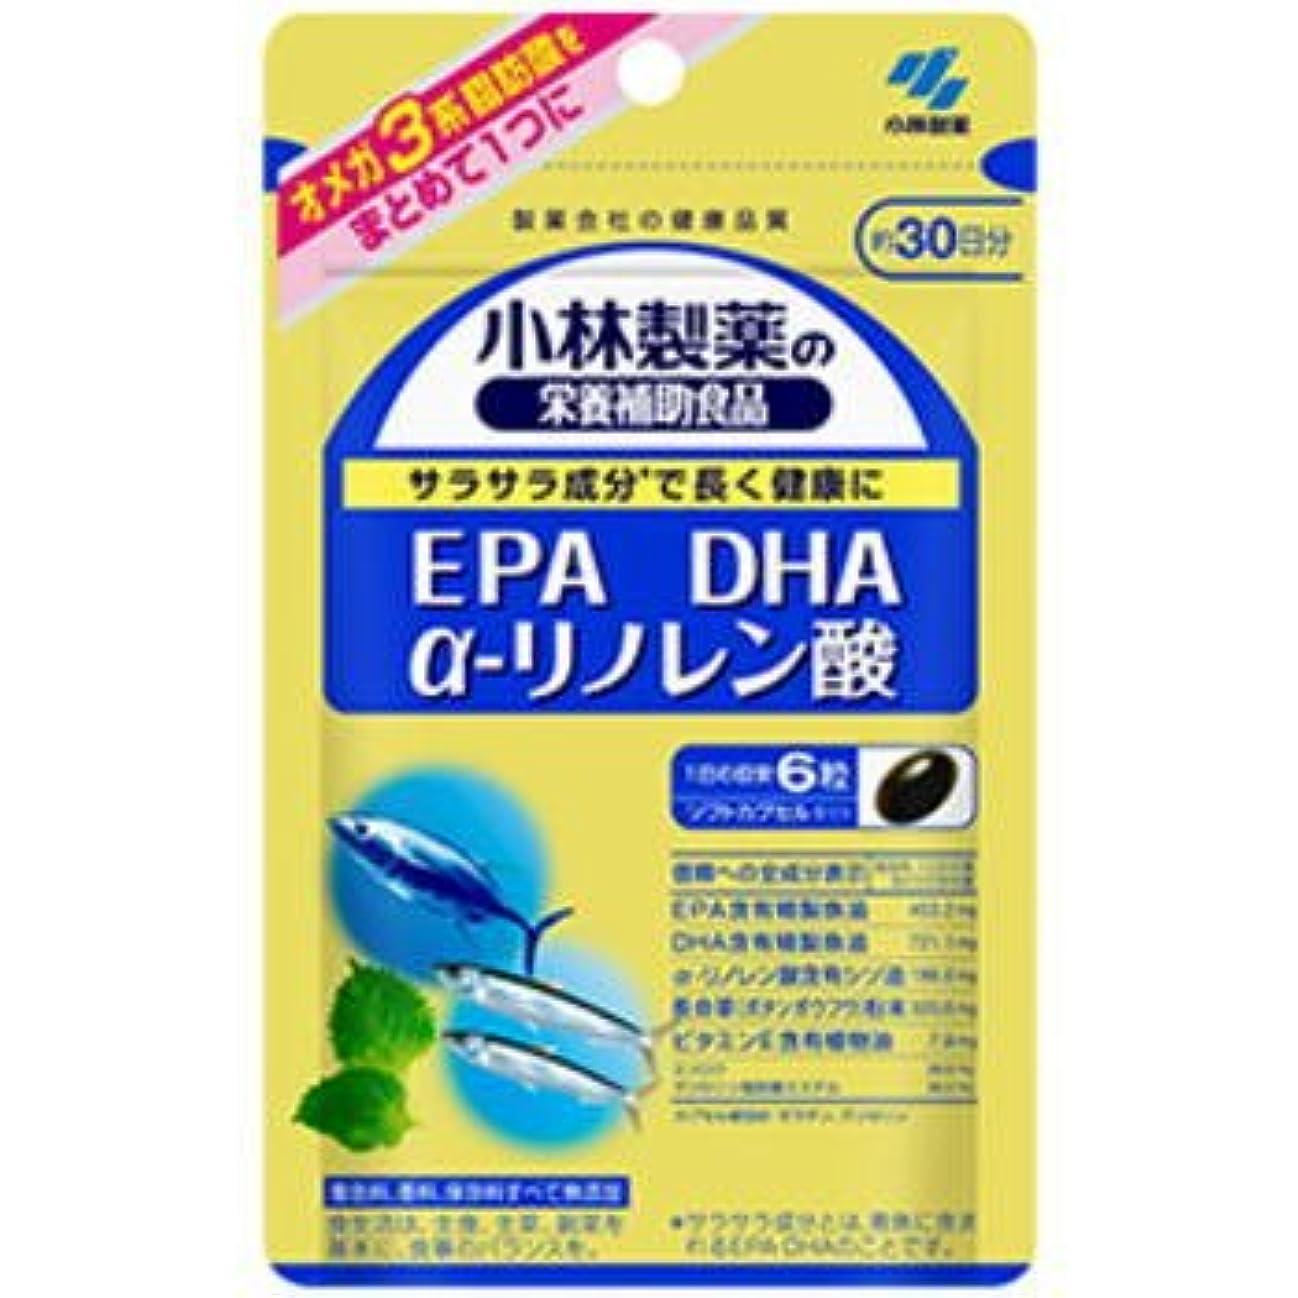 拒絶する句読点クリップ蝶小林製薬 EPA DHA α-リノレン酸 180粒【ネコポス発送】